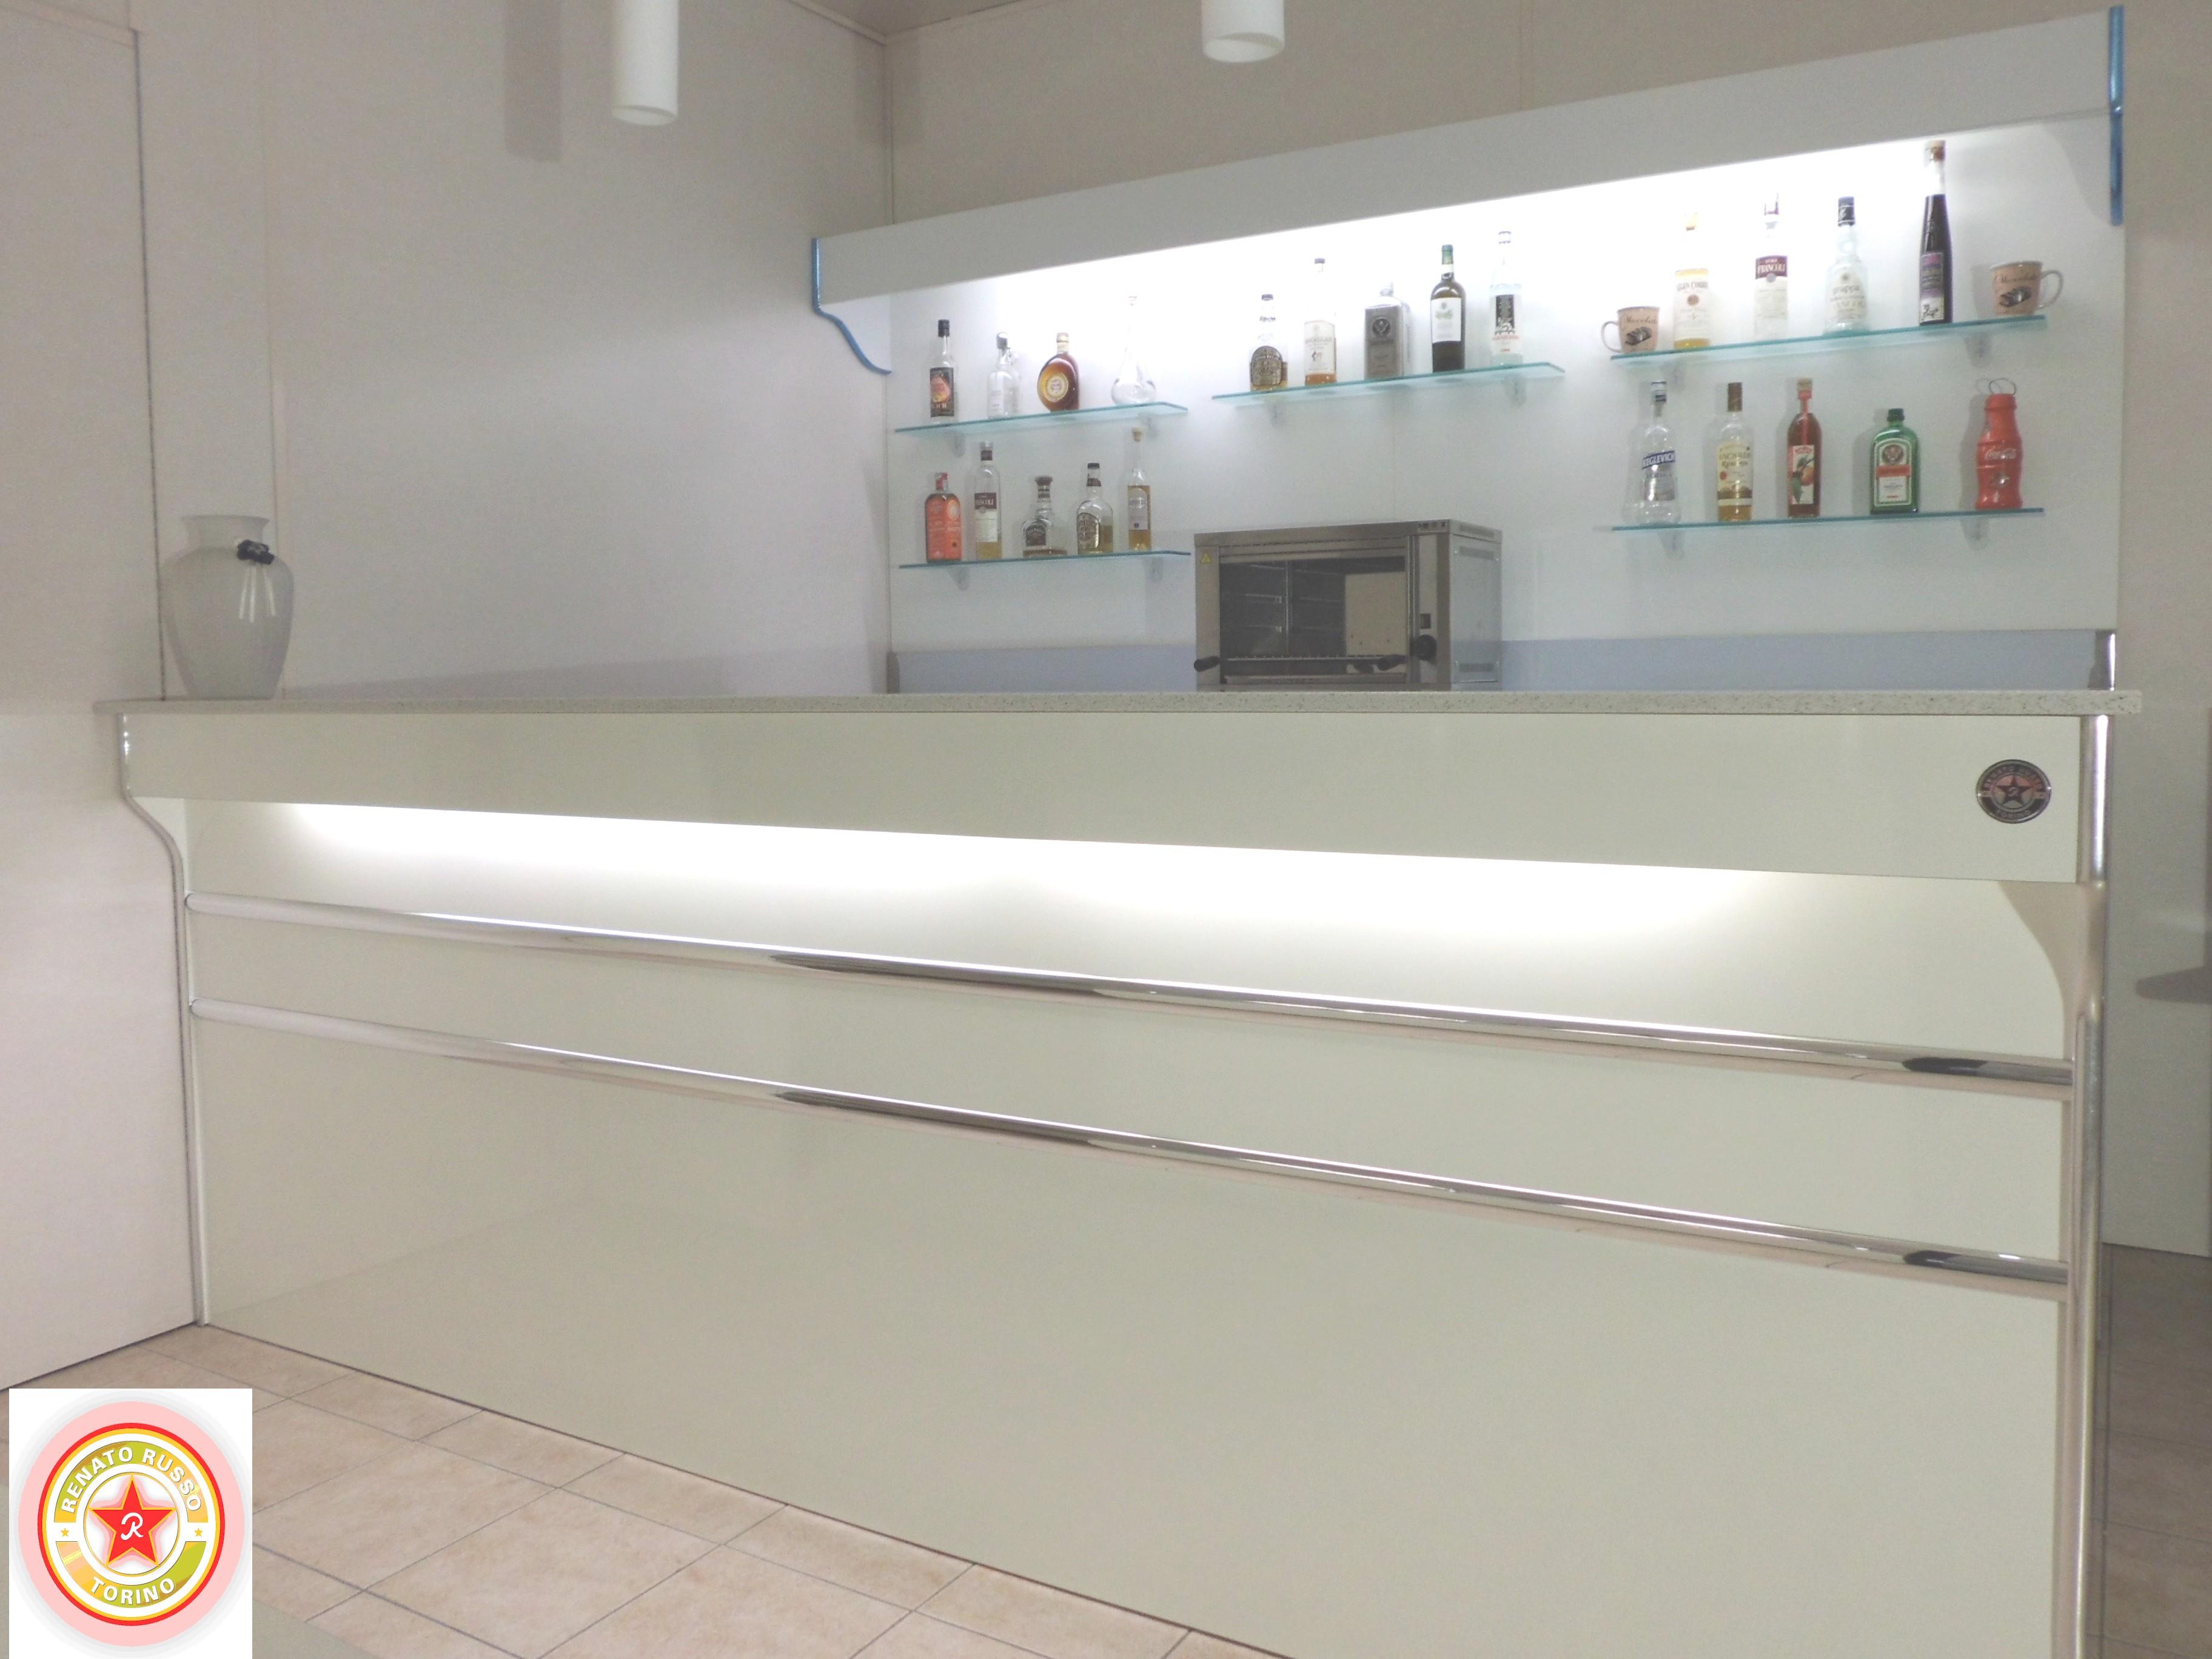 Banconi bar compra in fabbrica a met prezzo novit bar for Arredamento da bar